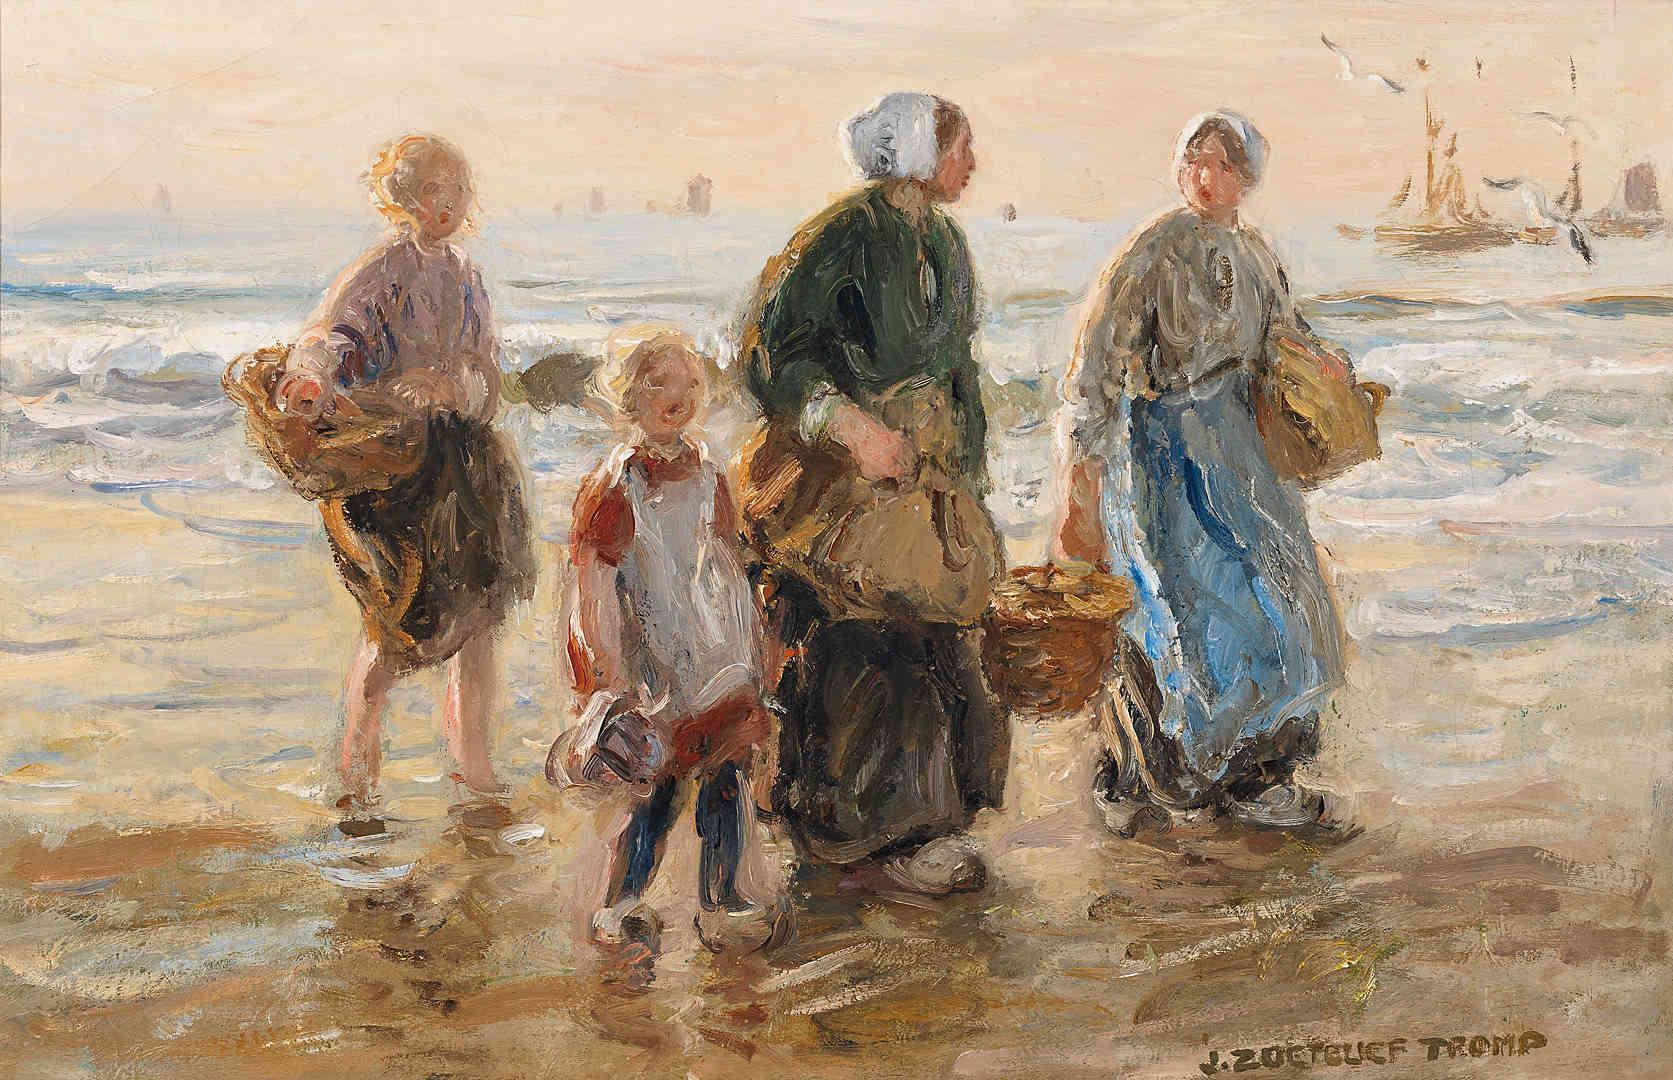 Jan zoetelief tromp vissersvrouwen langs het strand van katwijk kunsthandel studio 2000 - Kinder schilderij ...